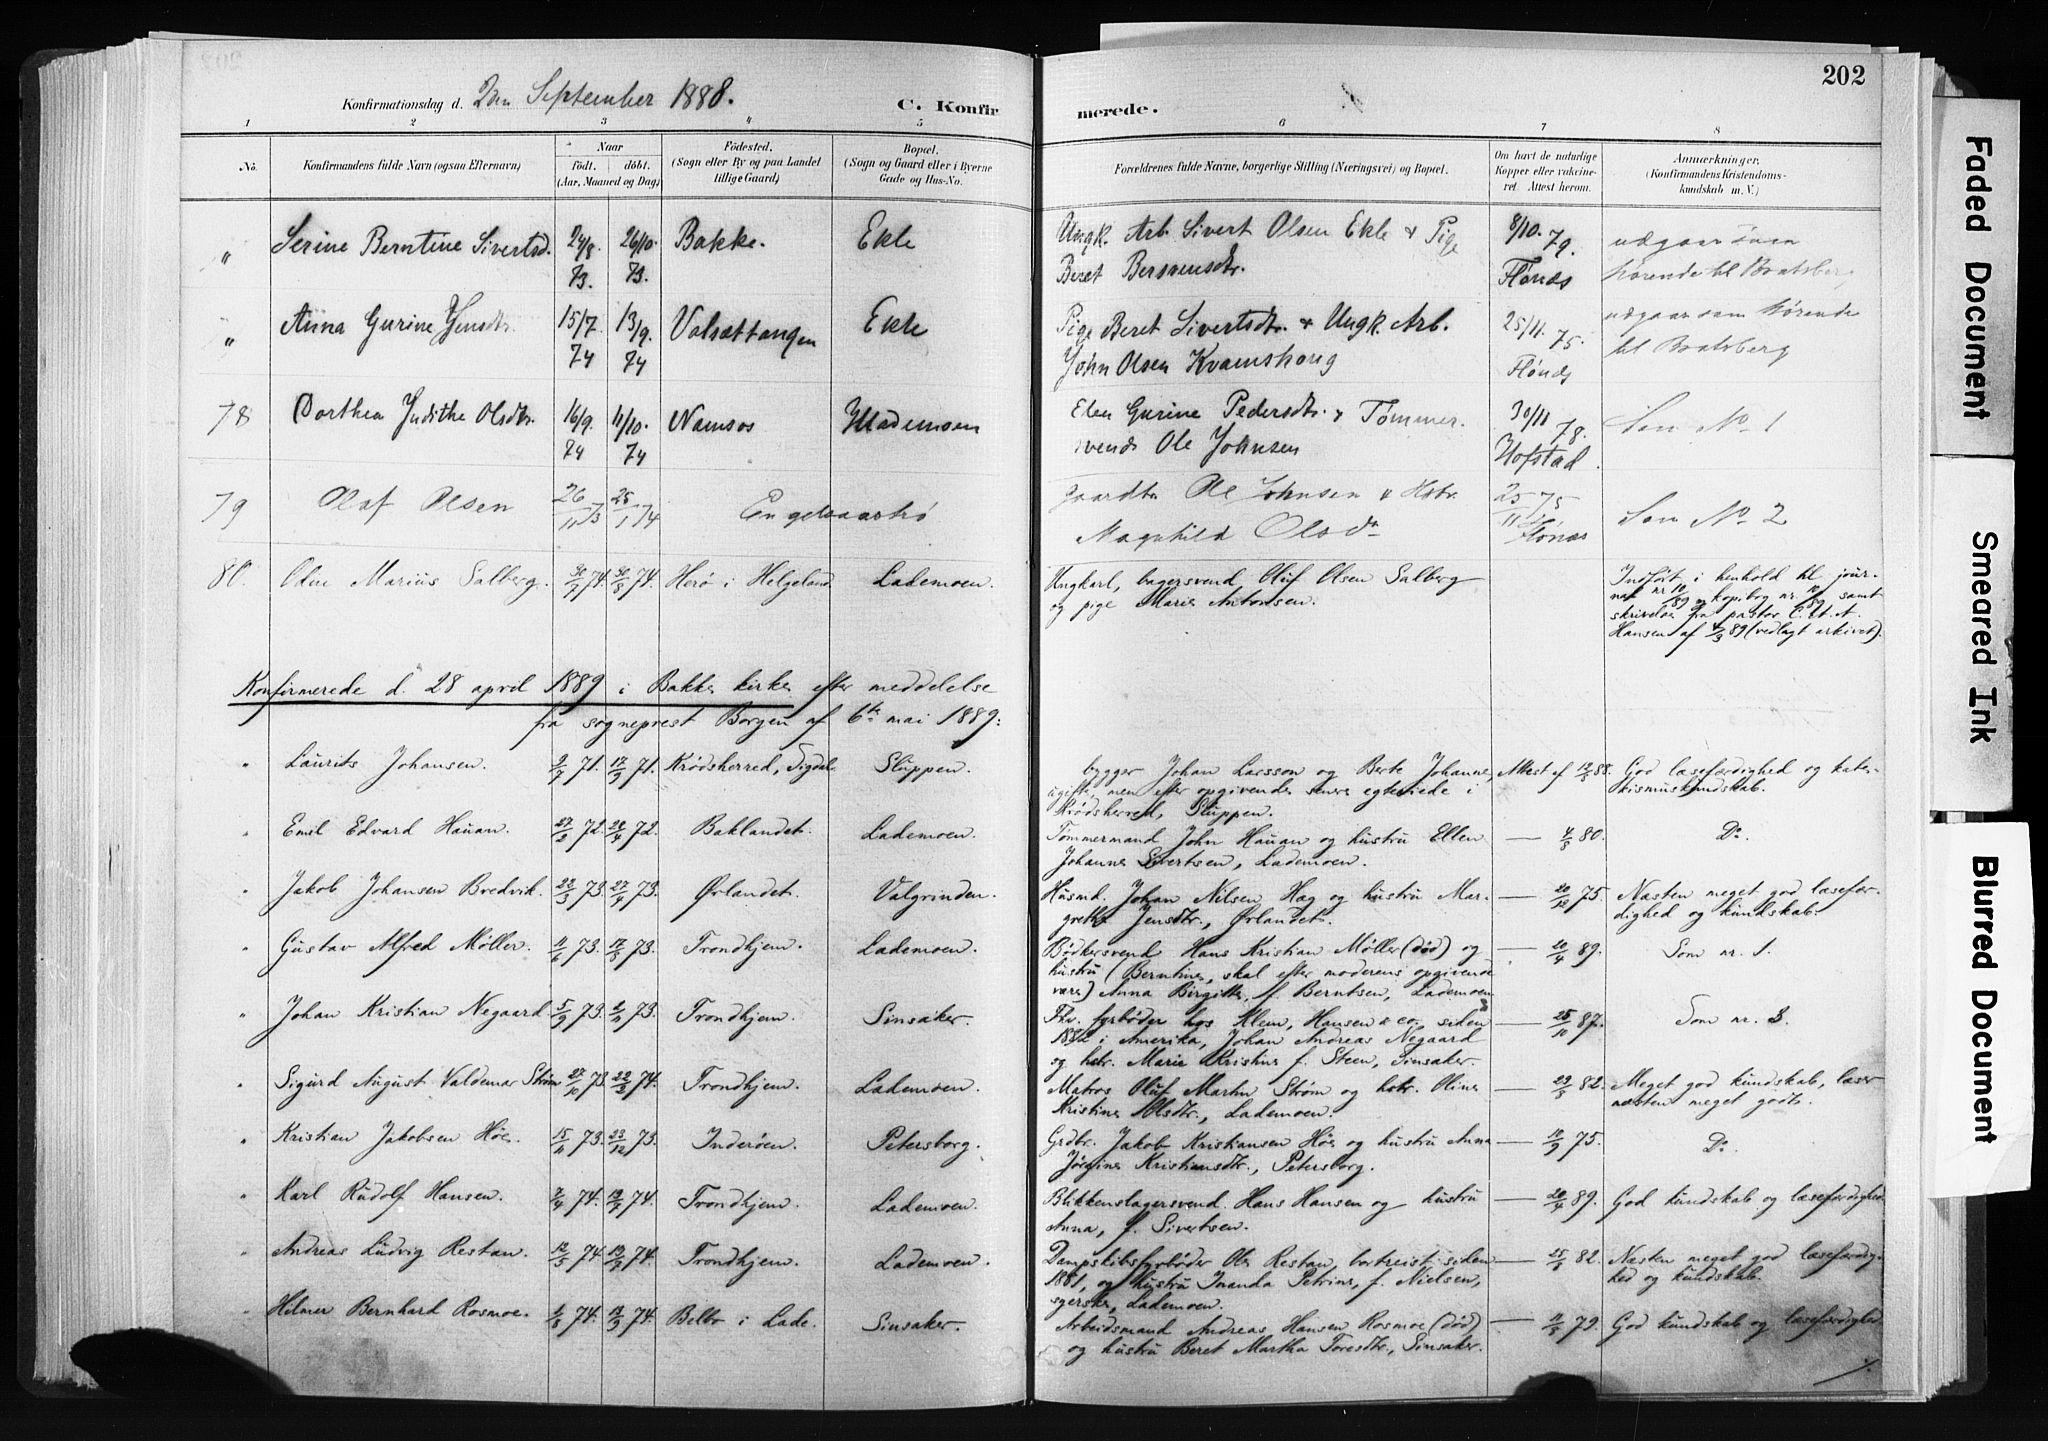 SAT, Ministerialprotokoller, klokkerbøker og fødselsregistre - Sør-Trøndelag, 606/L0300: Ministerialbok nr. 606A15, 1886-1893, s. 202